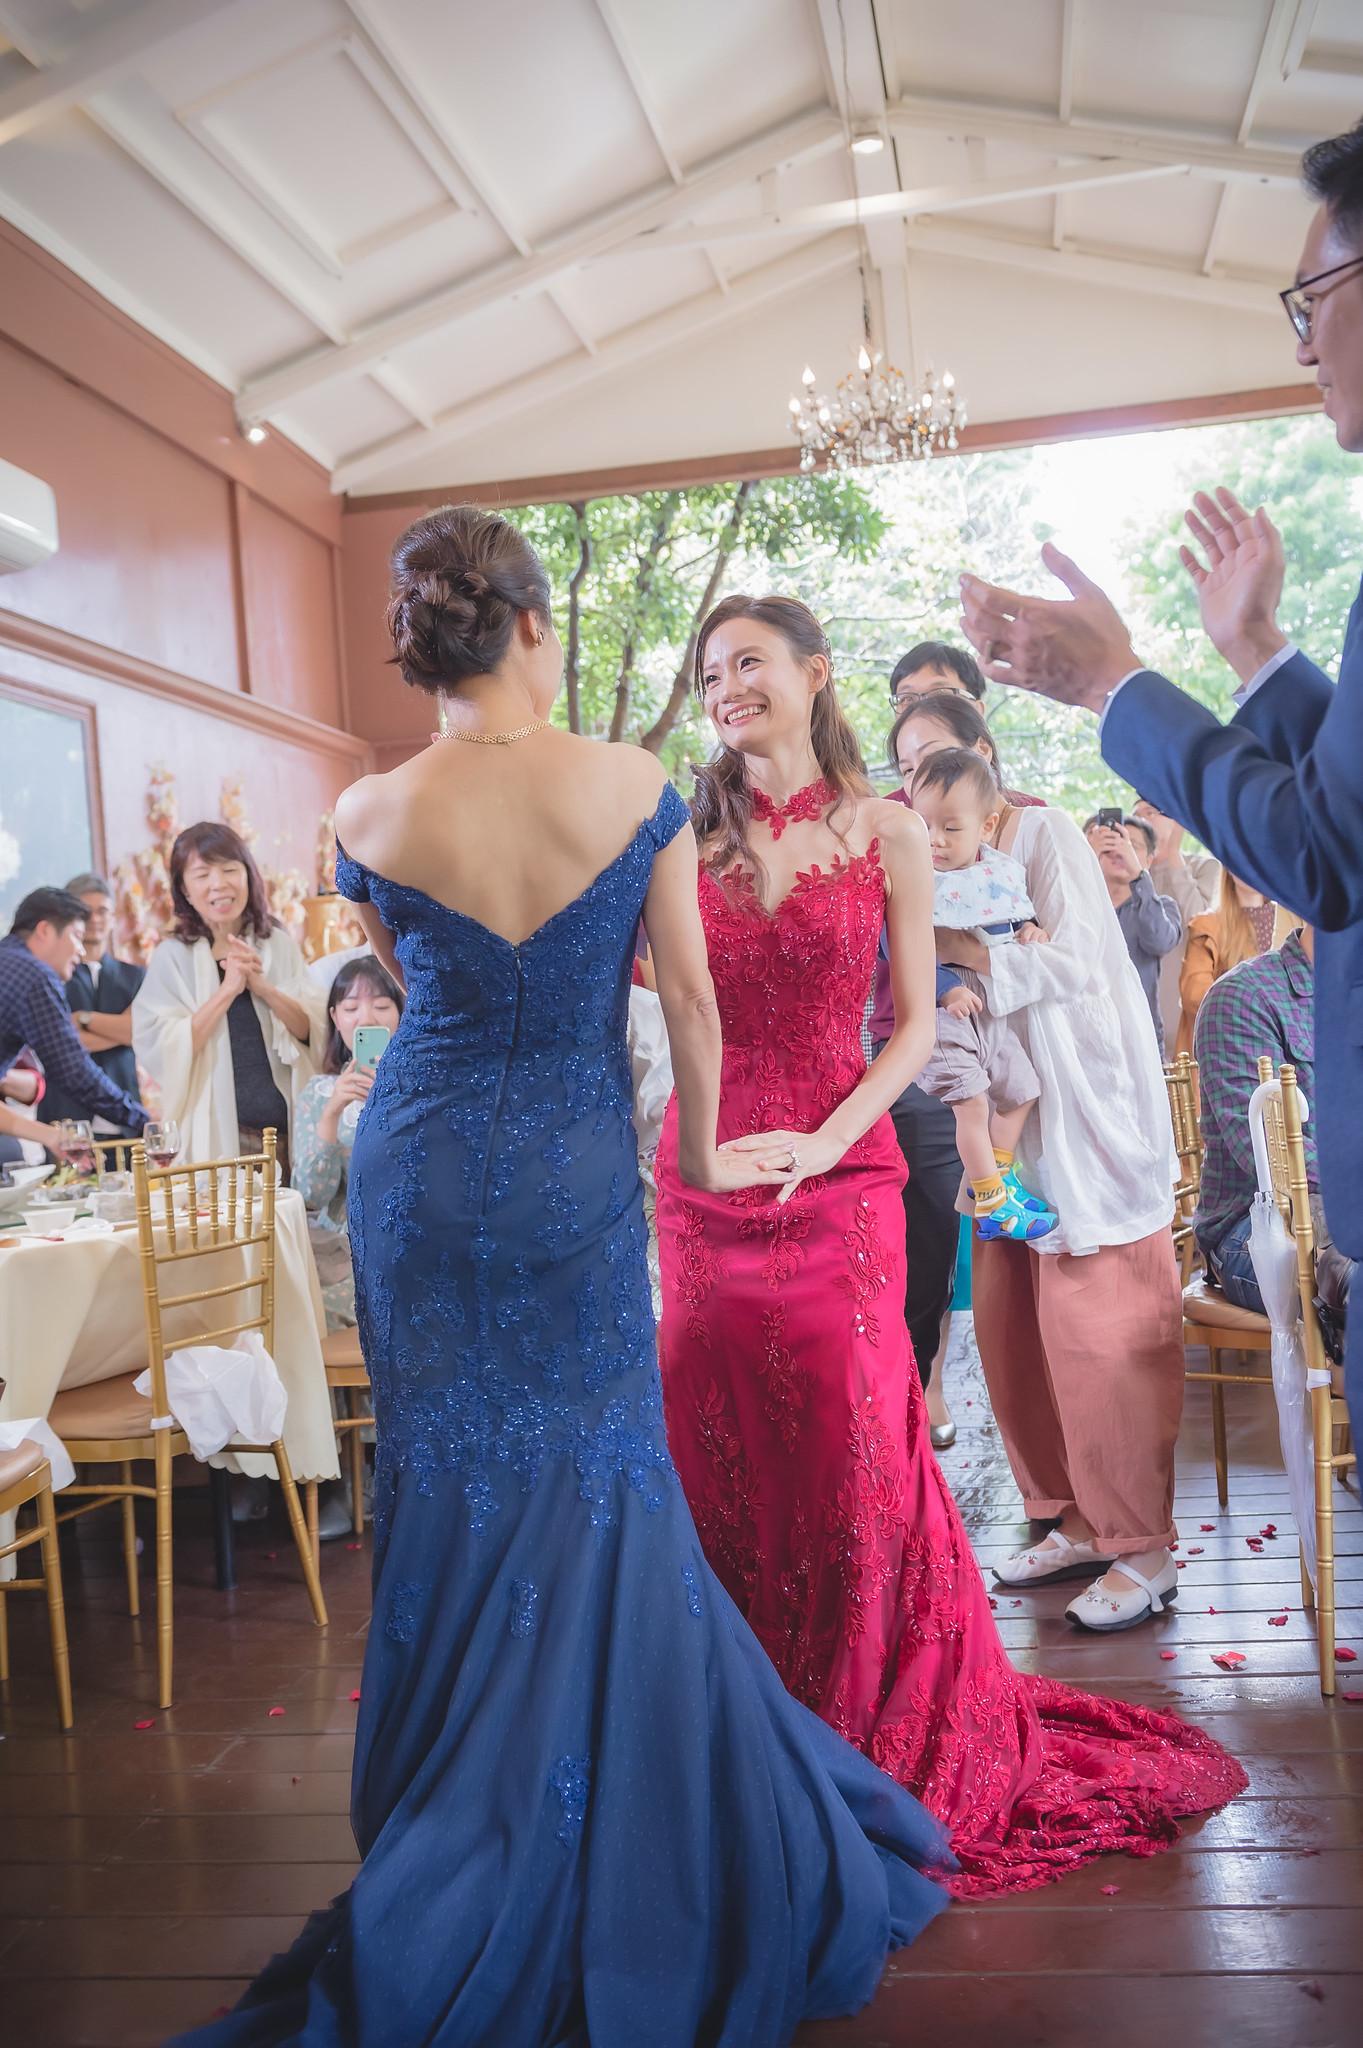 戶外美式婚禮真愛桃花源攝影阿宏_111